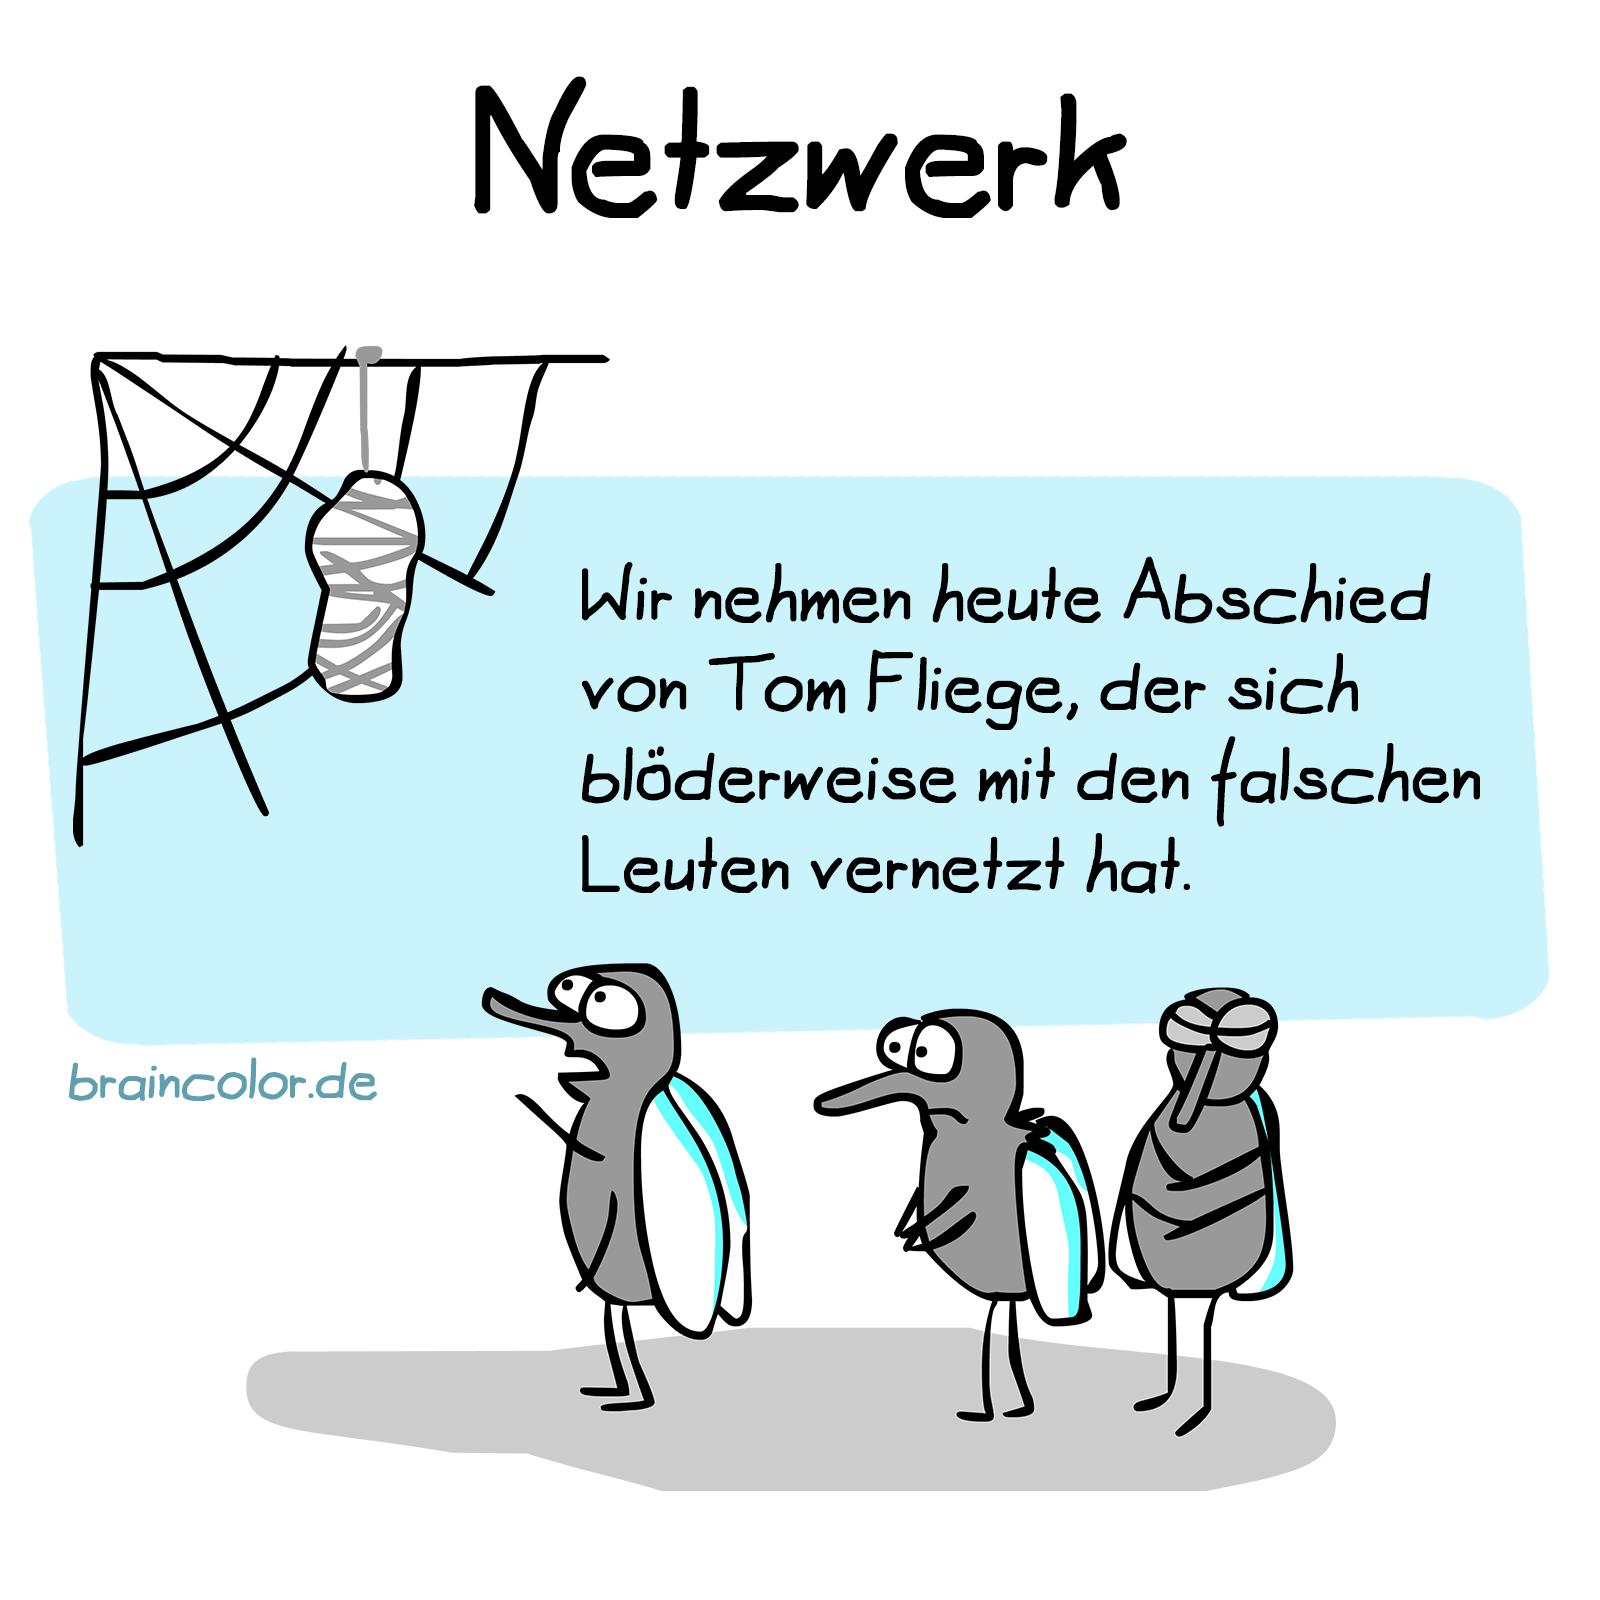 Netzwerk vernetzen